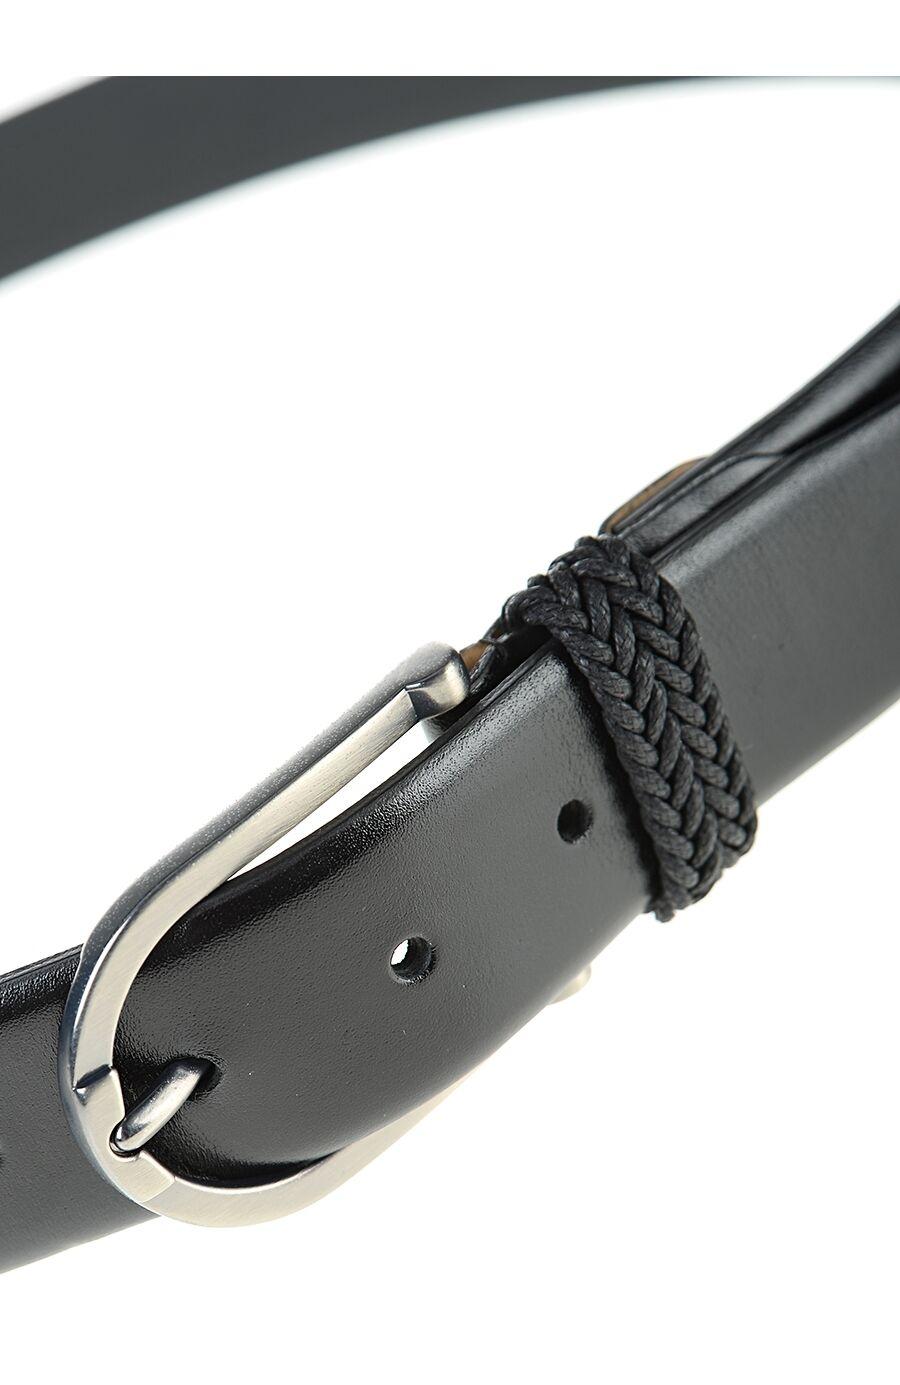 Örgü Detaylı Siyah Kemer